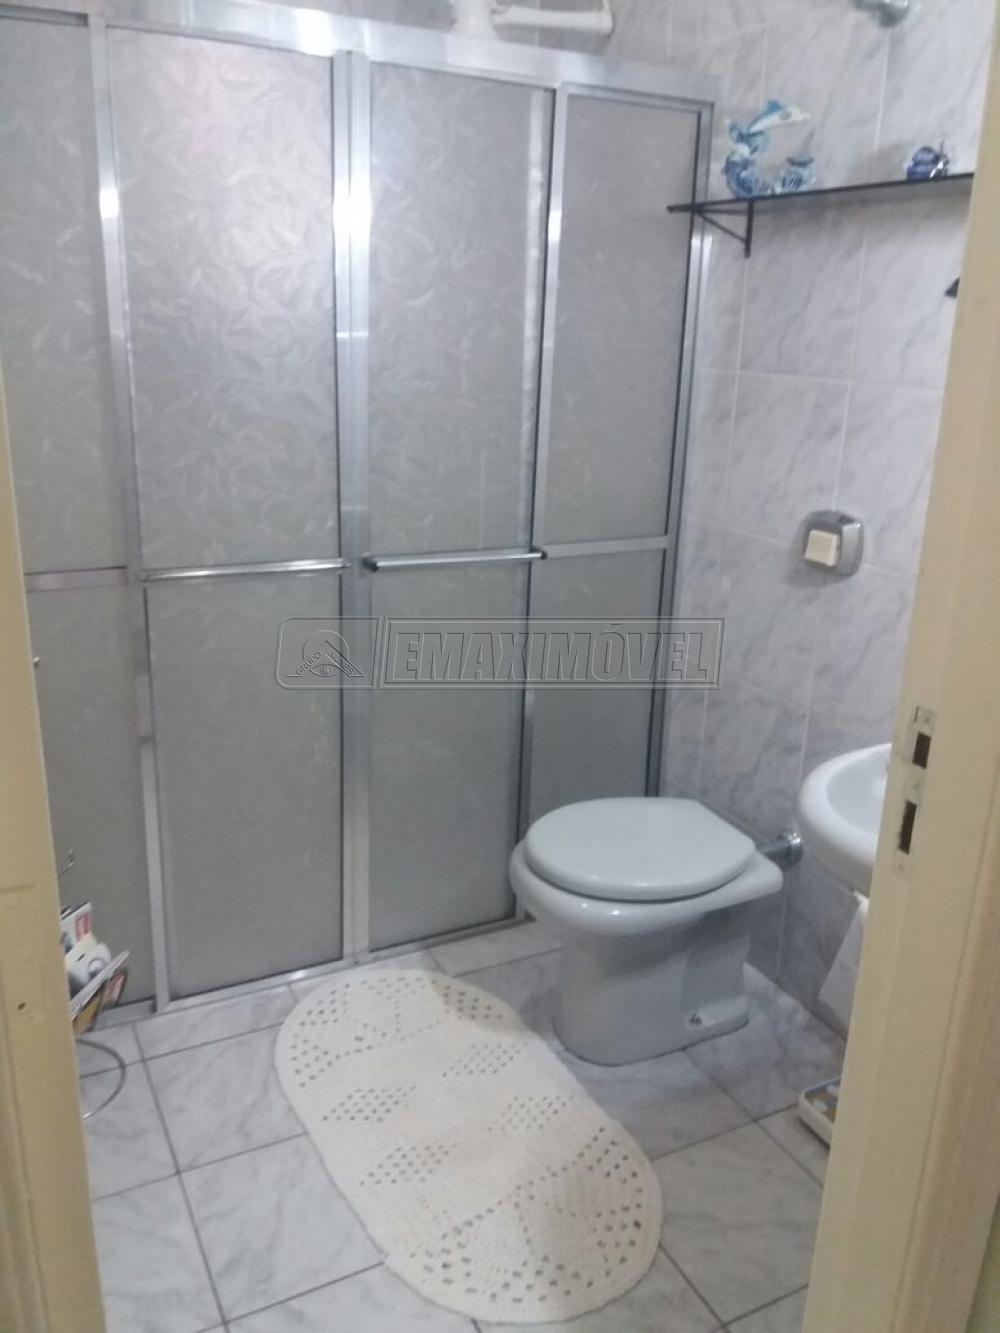 Alugar Rurais / Chácaras em Porto Feliz apenas R$ 4.500,00 - Foto 12